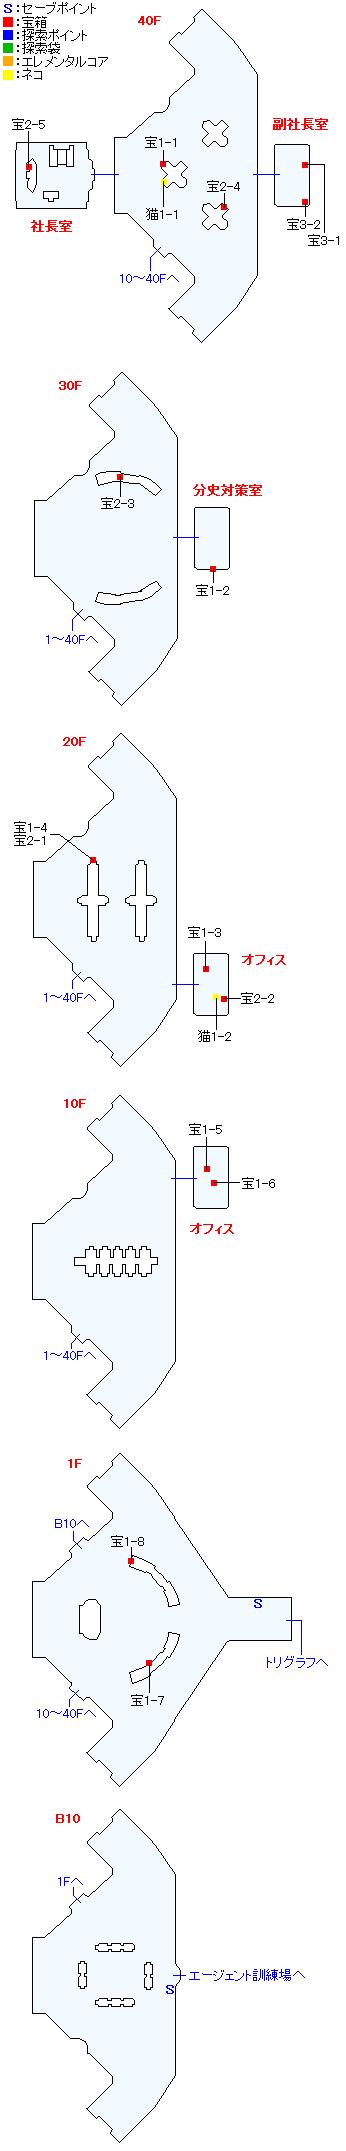 クランスピア社マップ